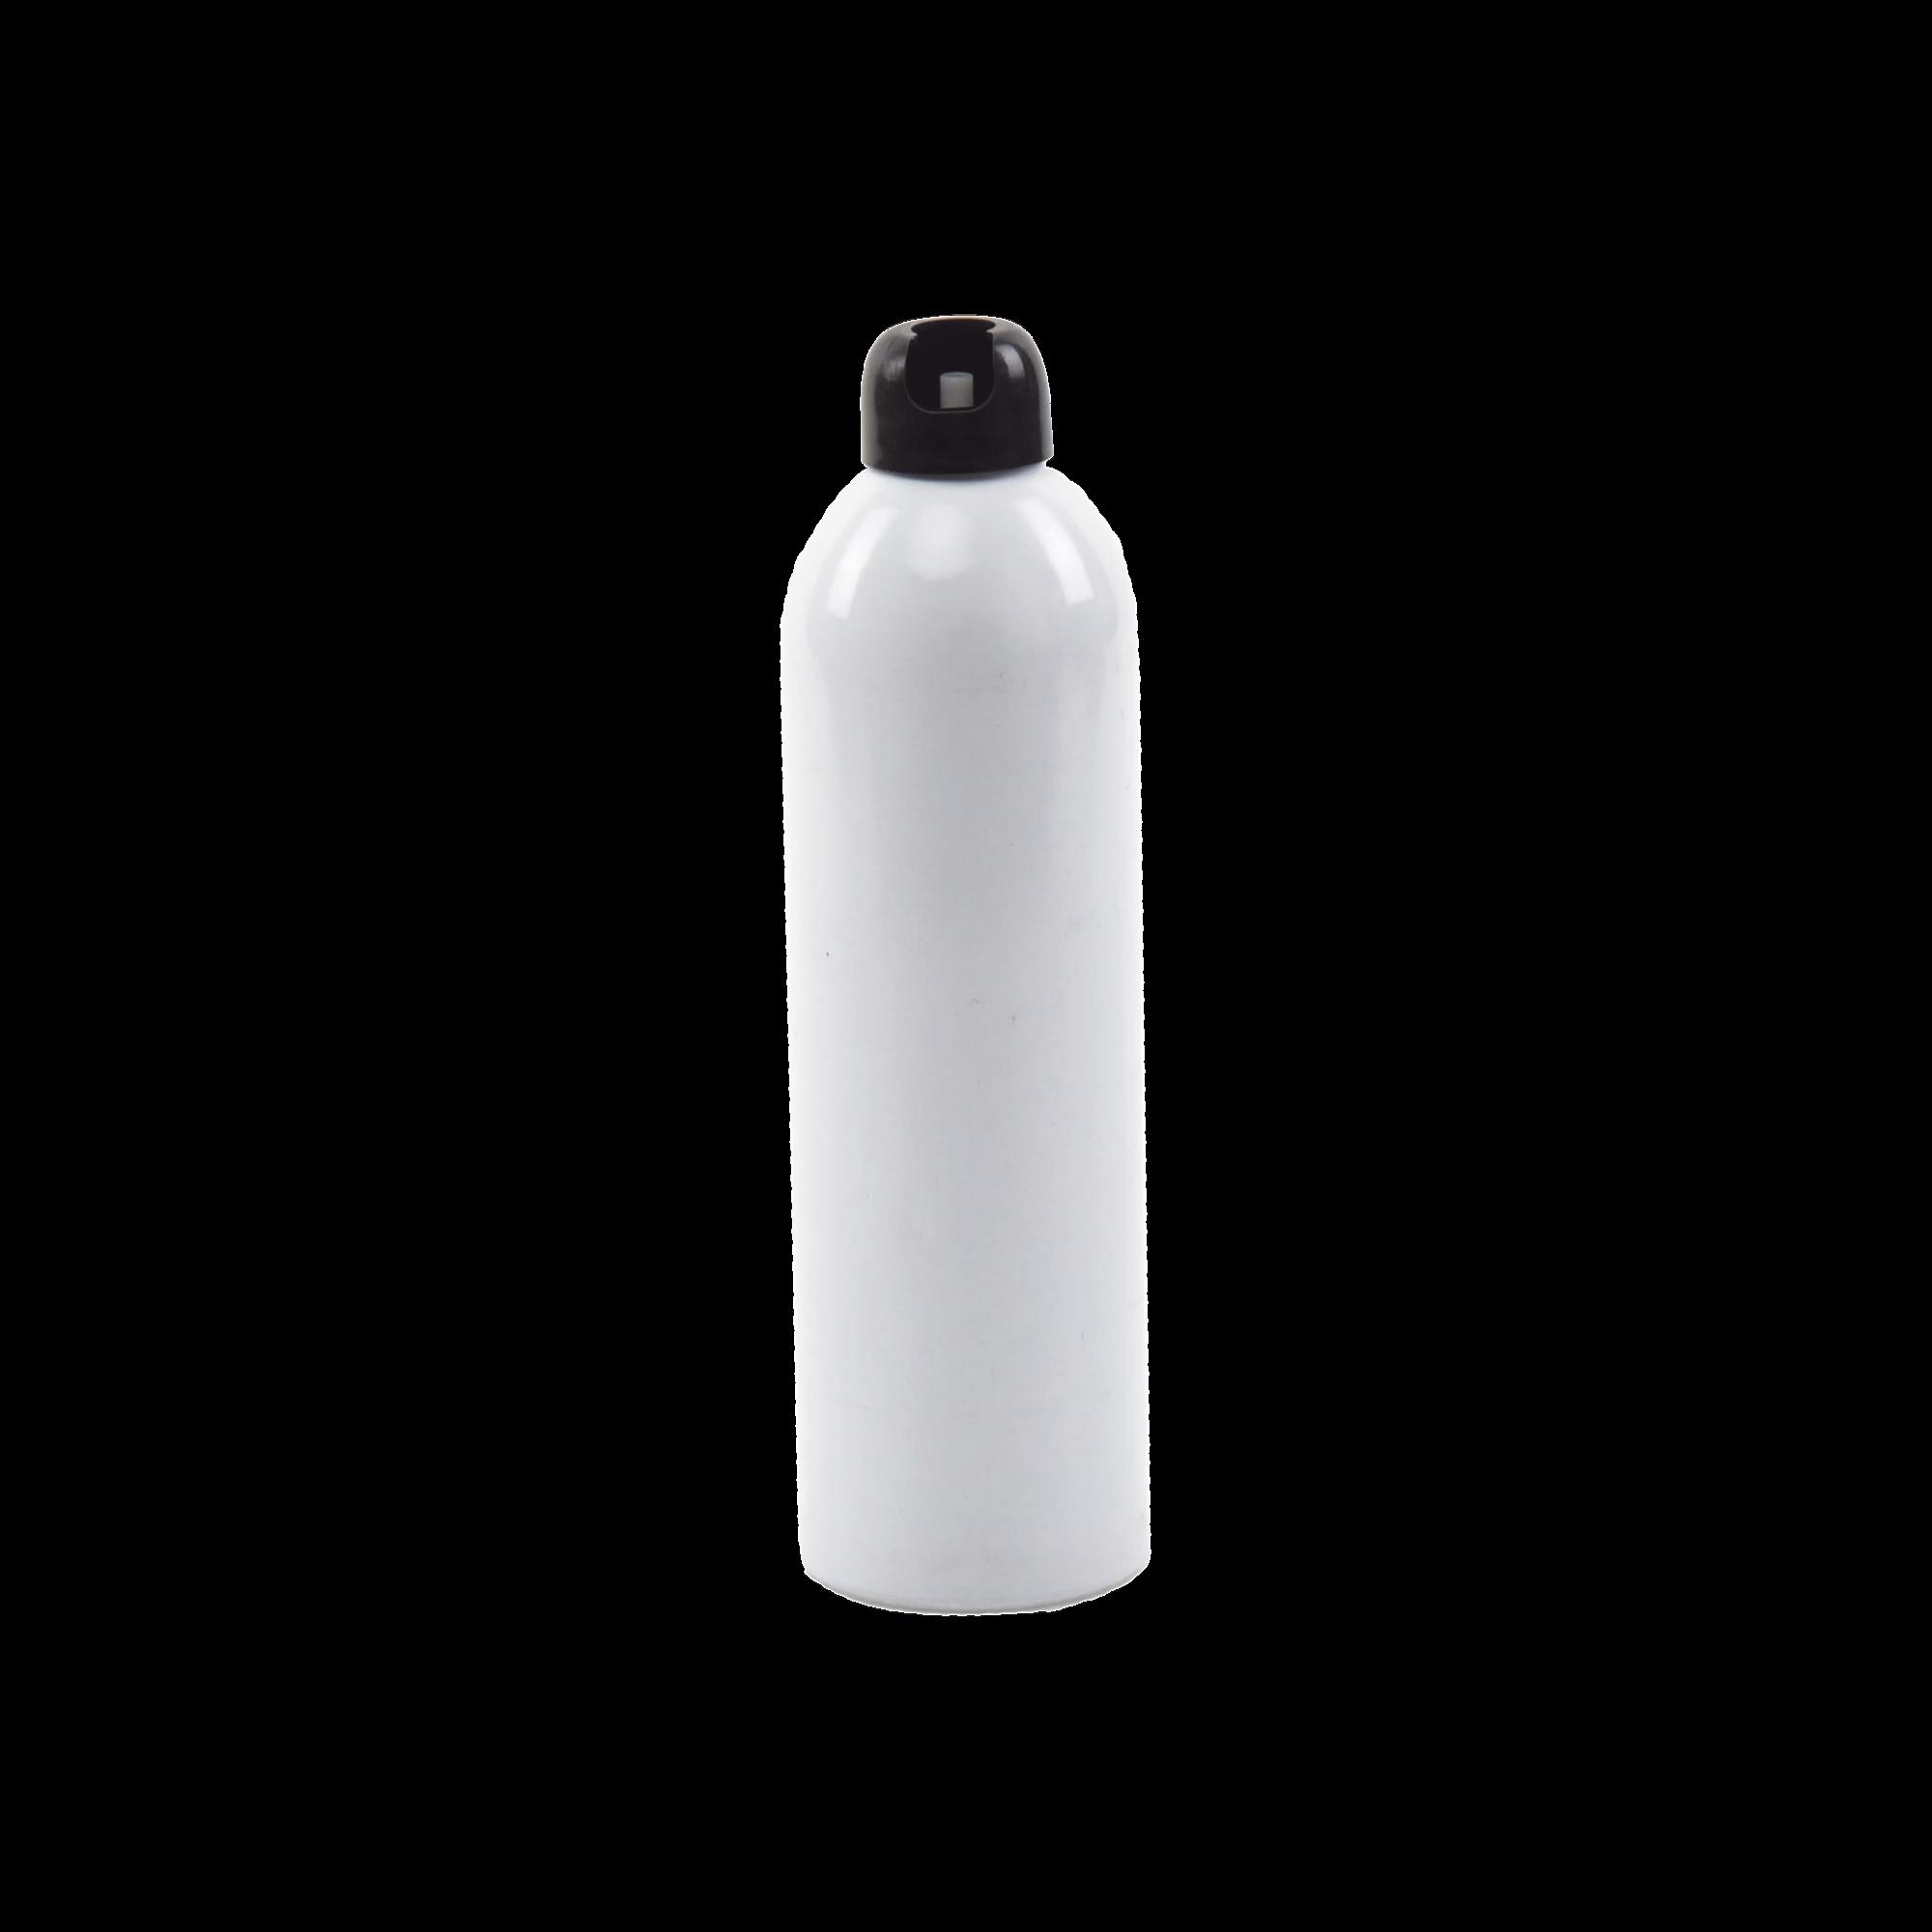 CILINDRO DE GLICOL DE 500 ml para Generador de Niebla FAST022CUR